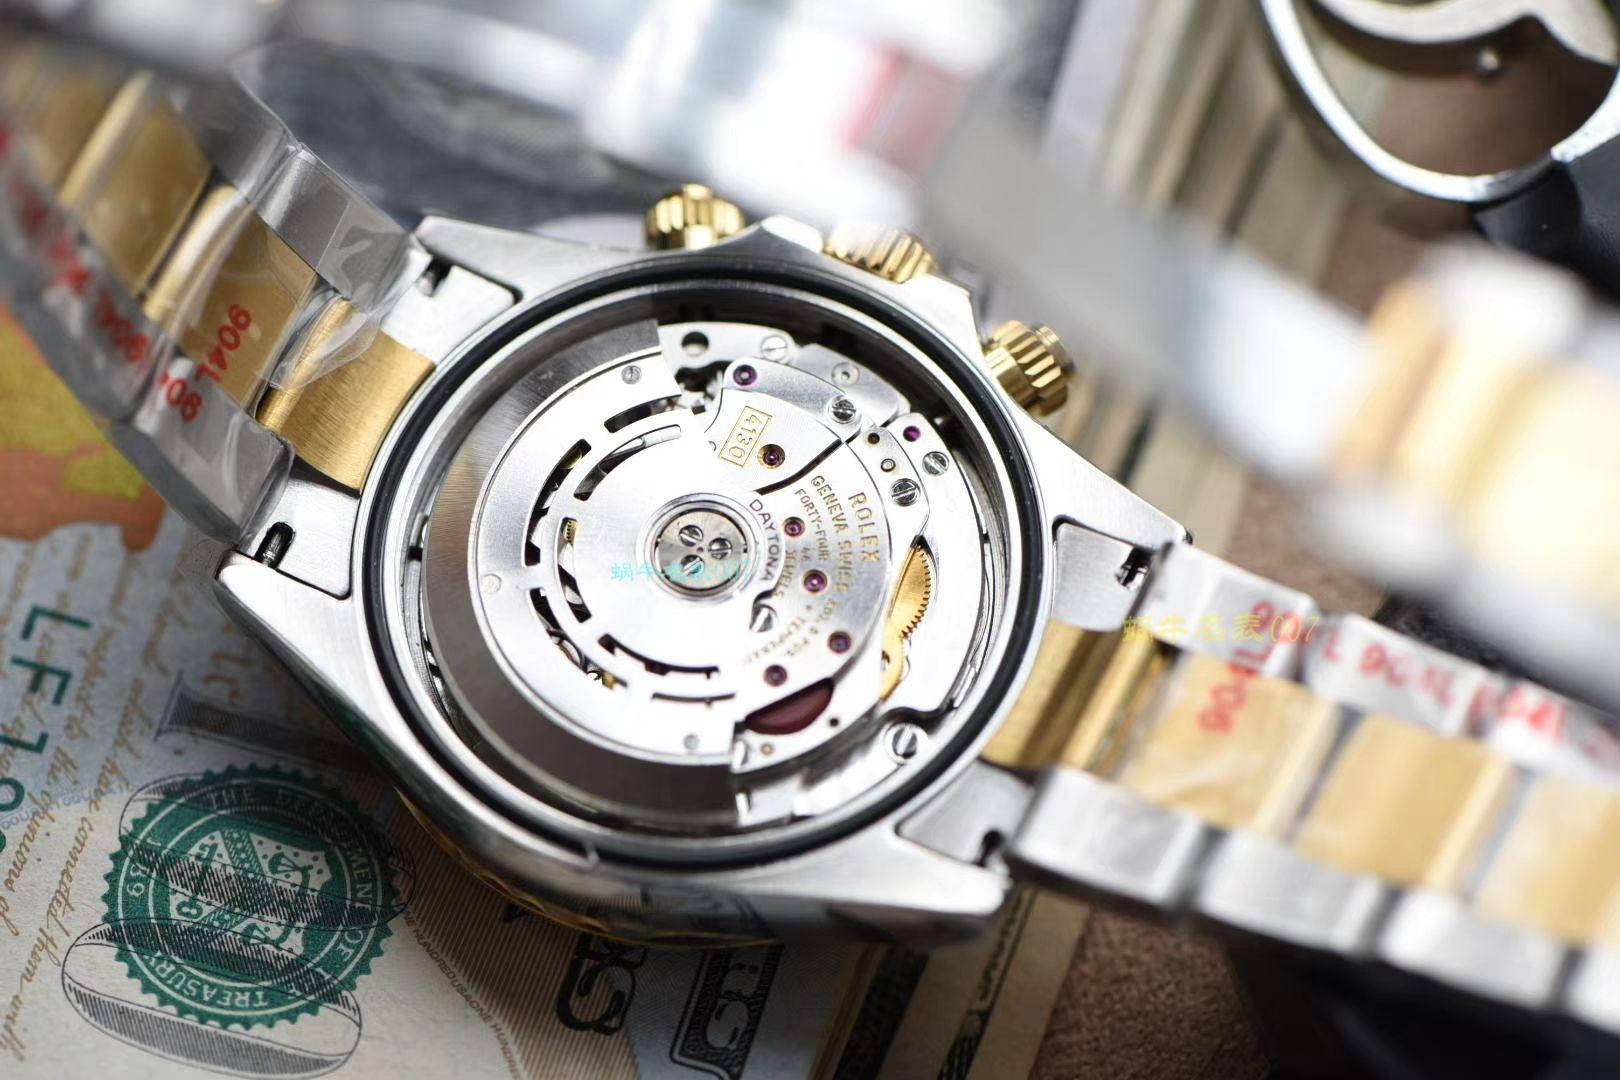 【视频评测Noob厂超A精仿手表】劳力士宇宙计型迪通拿系列m116503-0001腕表 / R566